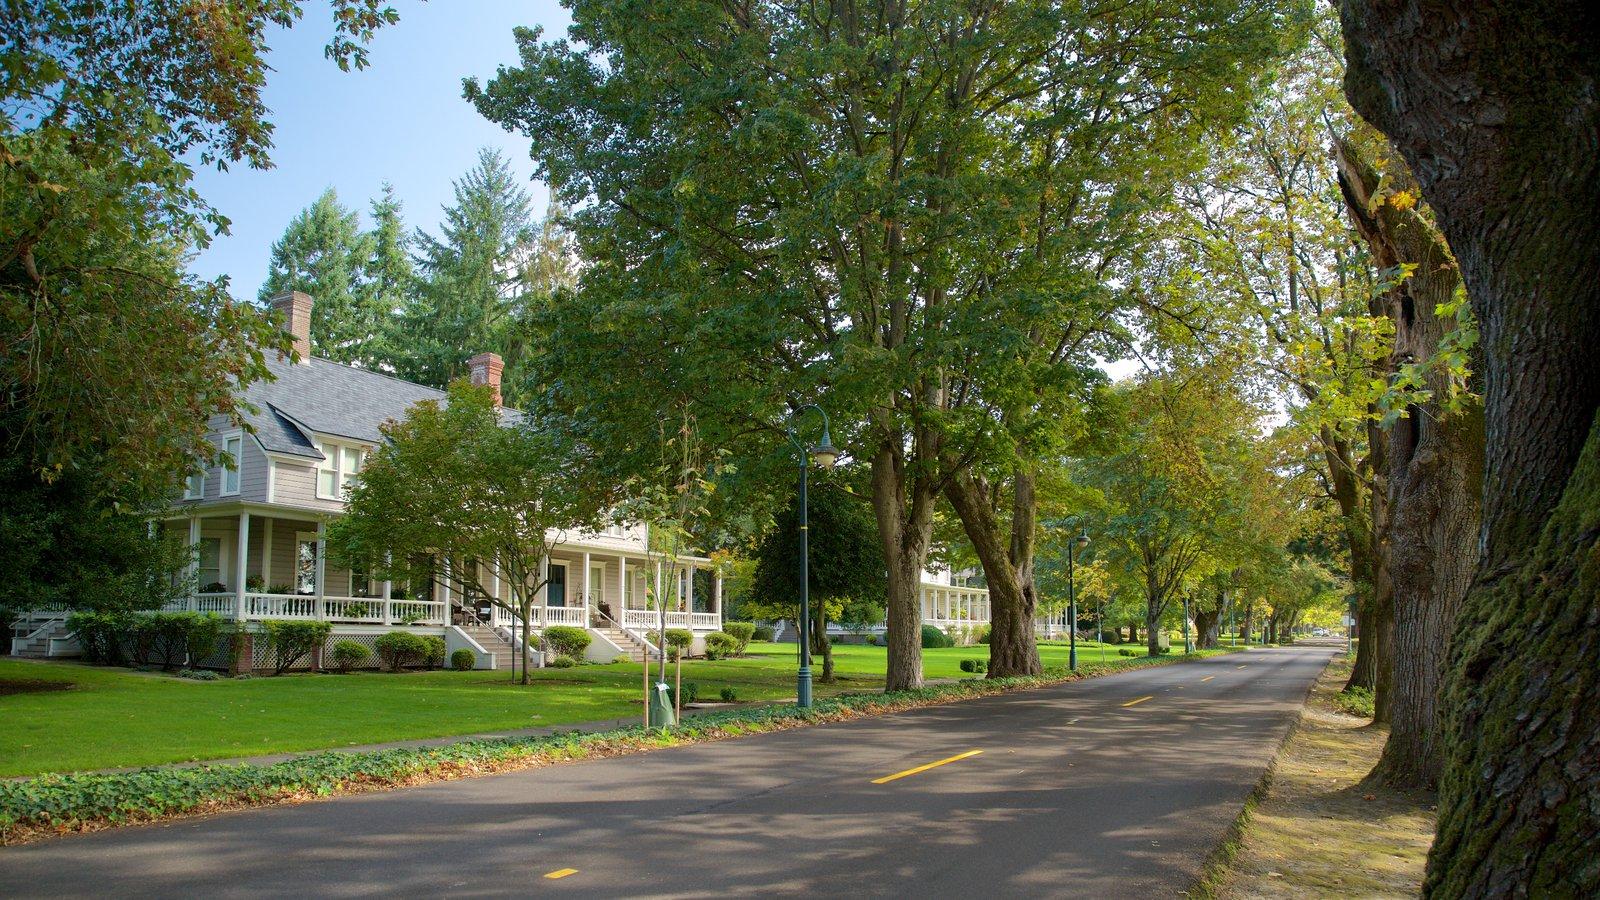 Vancouver caracterizando arquitetura de patrimônio, cenas de rua e uma casa